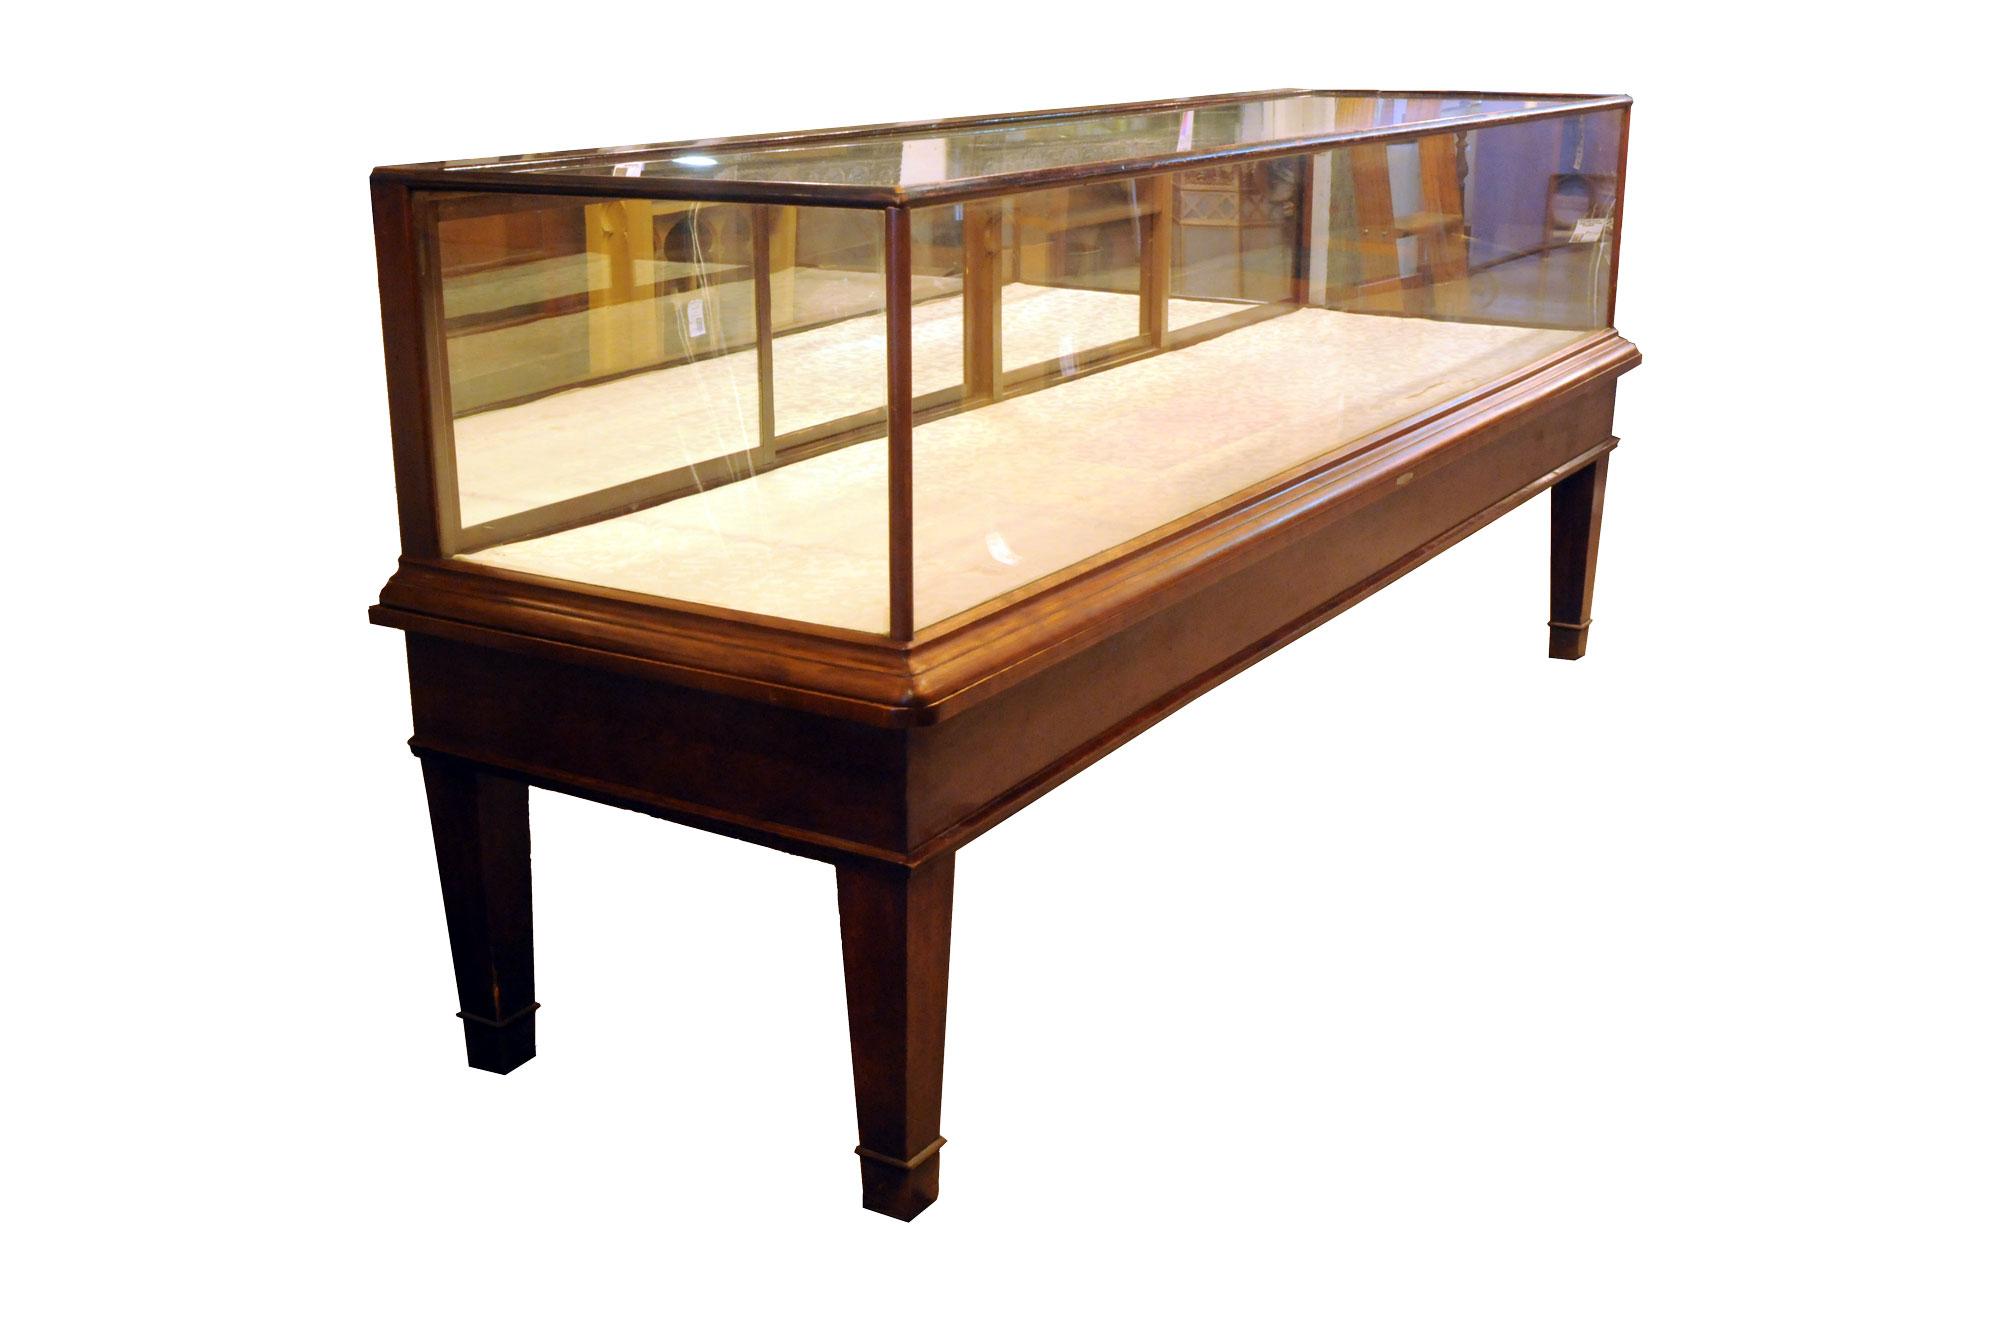 46838-oak-display-cabinet-MAIN.jpg